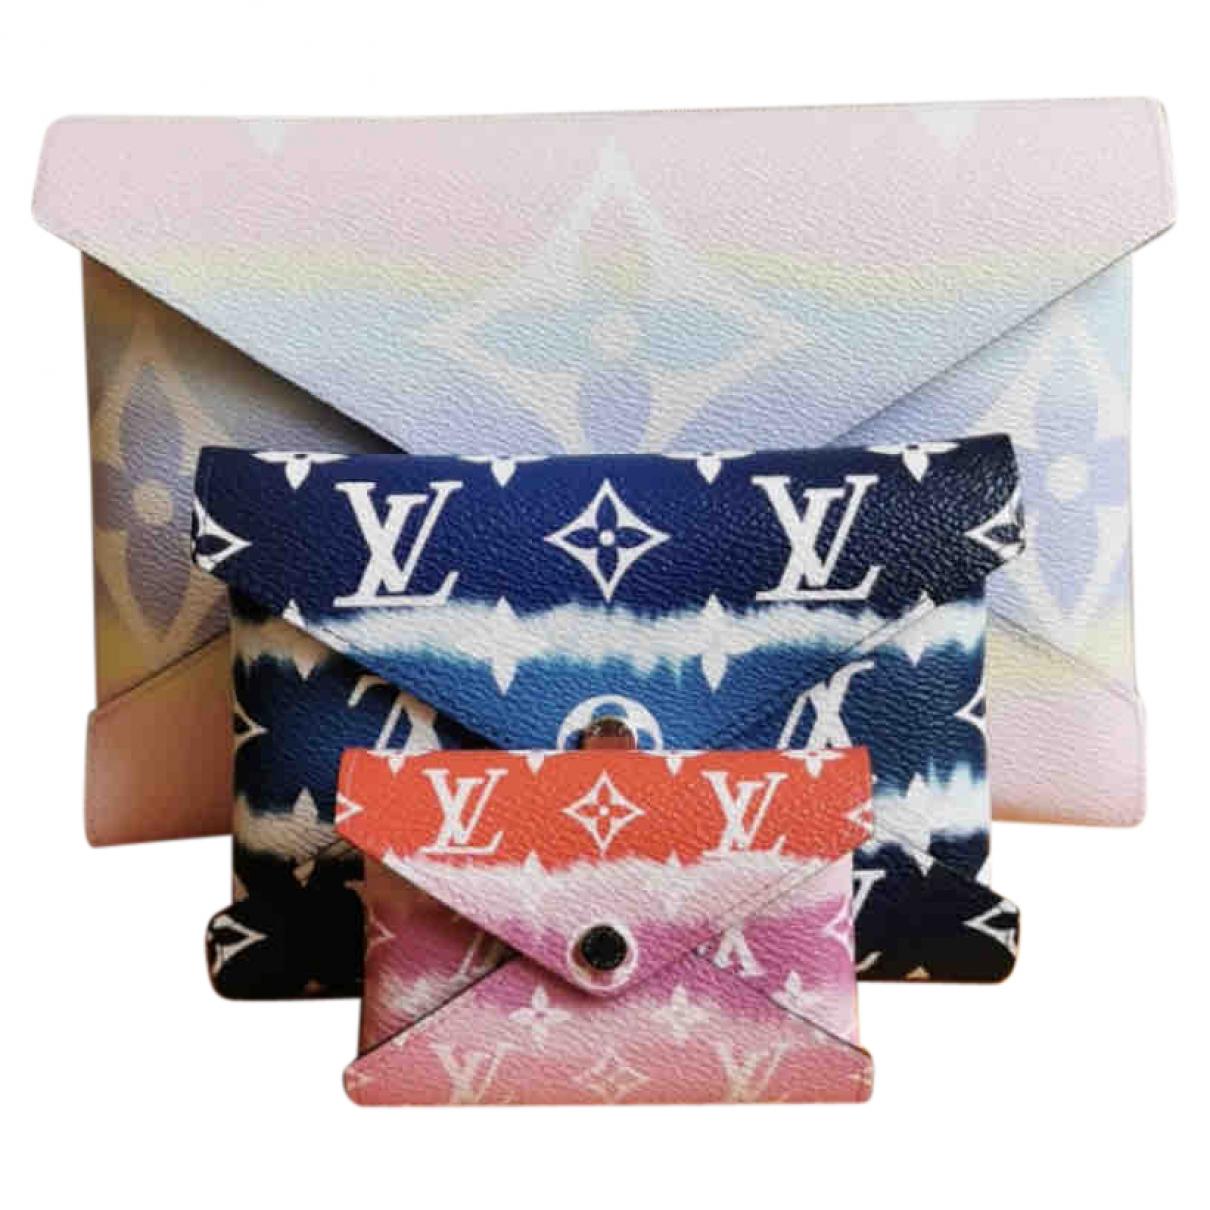 Louis Vuitton - Pochette Kirigami pour femme en toile - multicolore